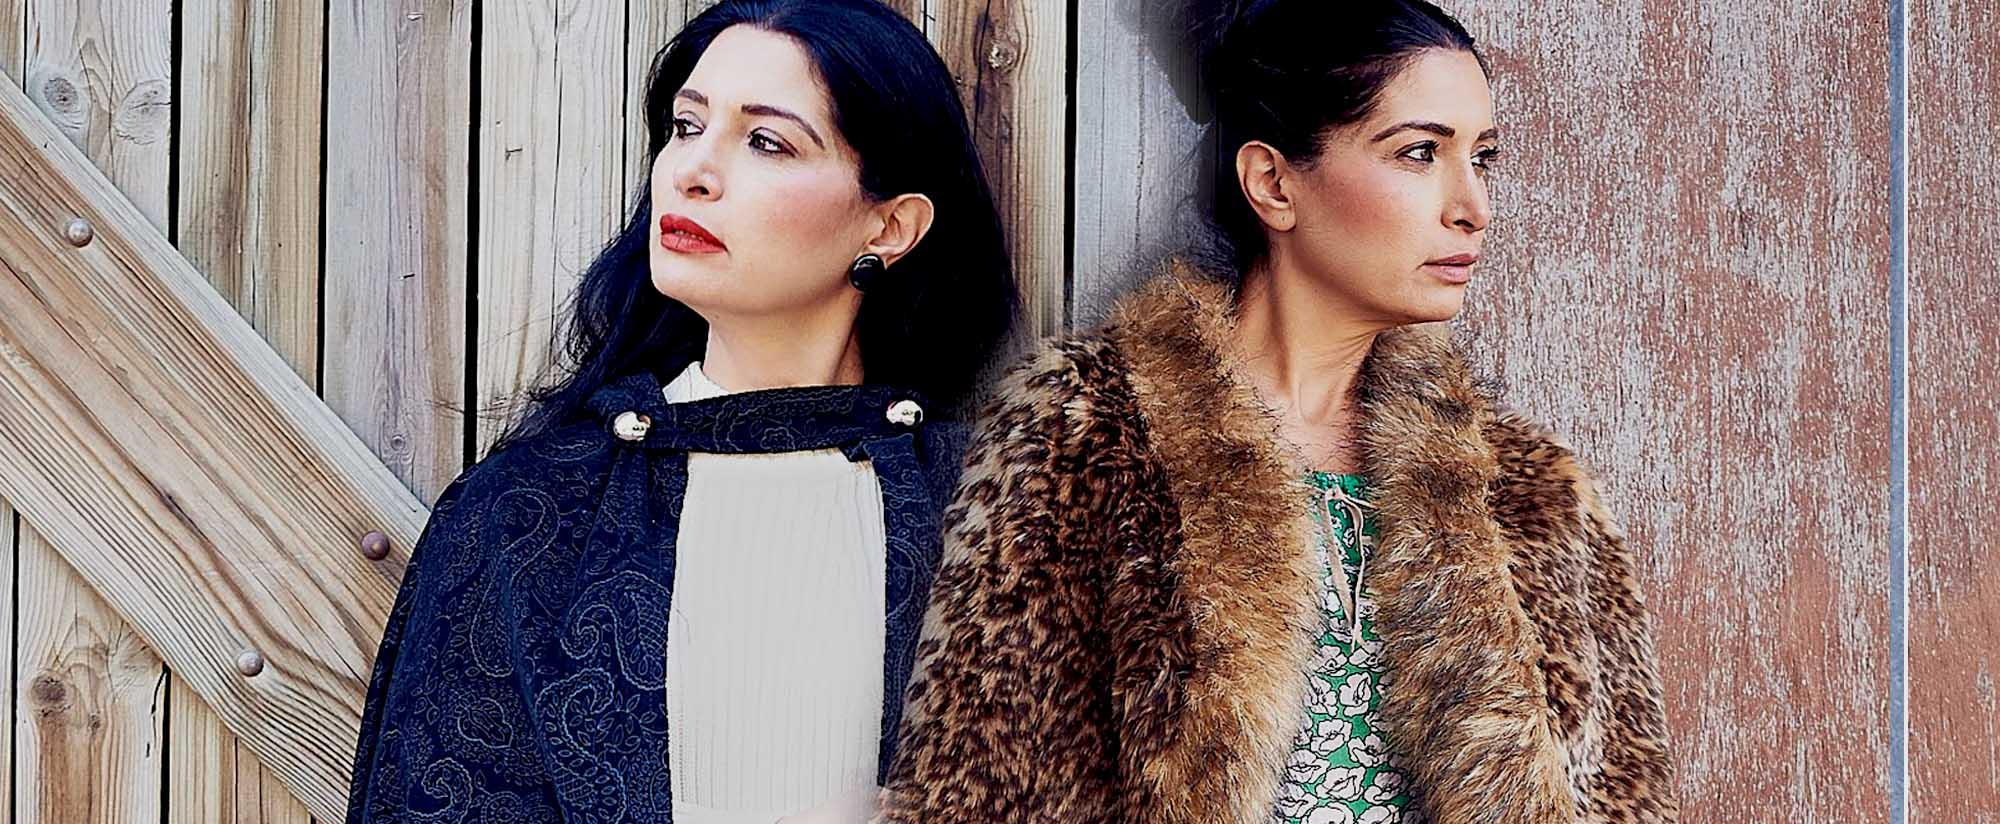 שכמייה, מאיה אושרי כהן, kim kandler, מגזין אופנה ישראלי -